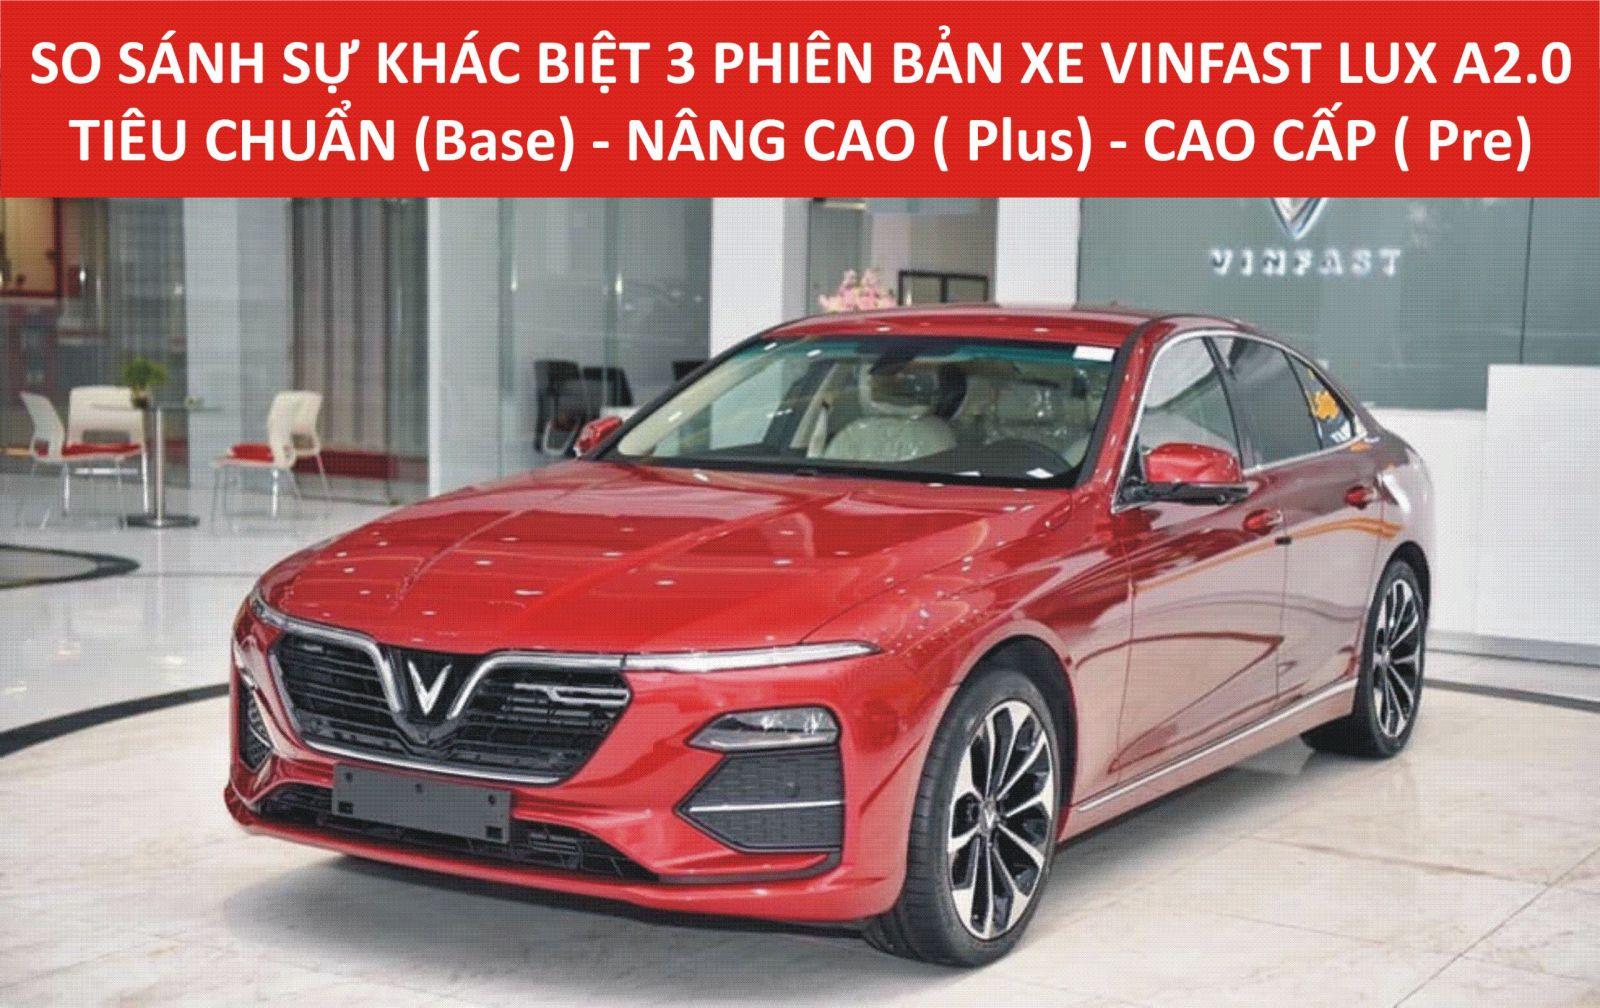 so sanh ba phien ban xe vinfast lux a2.0